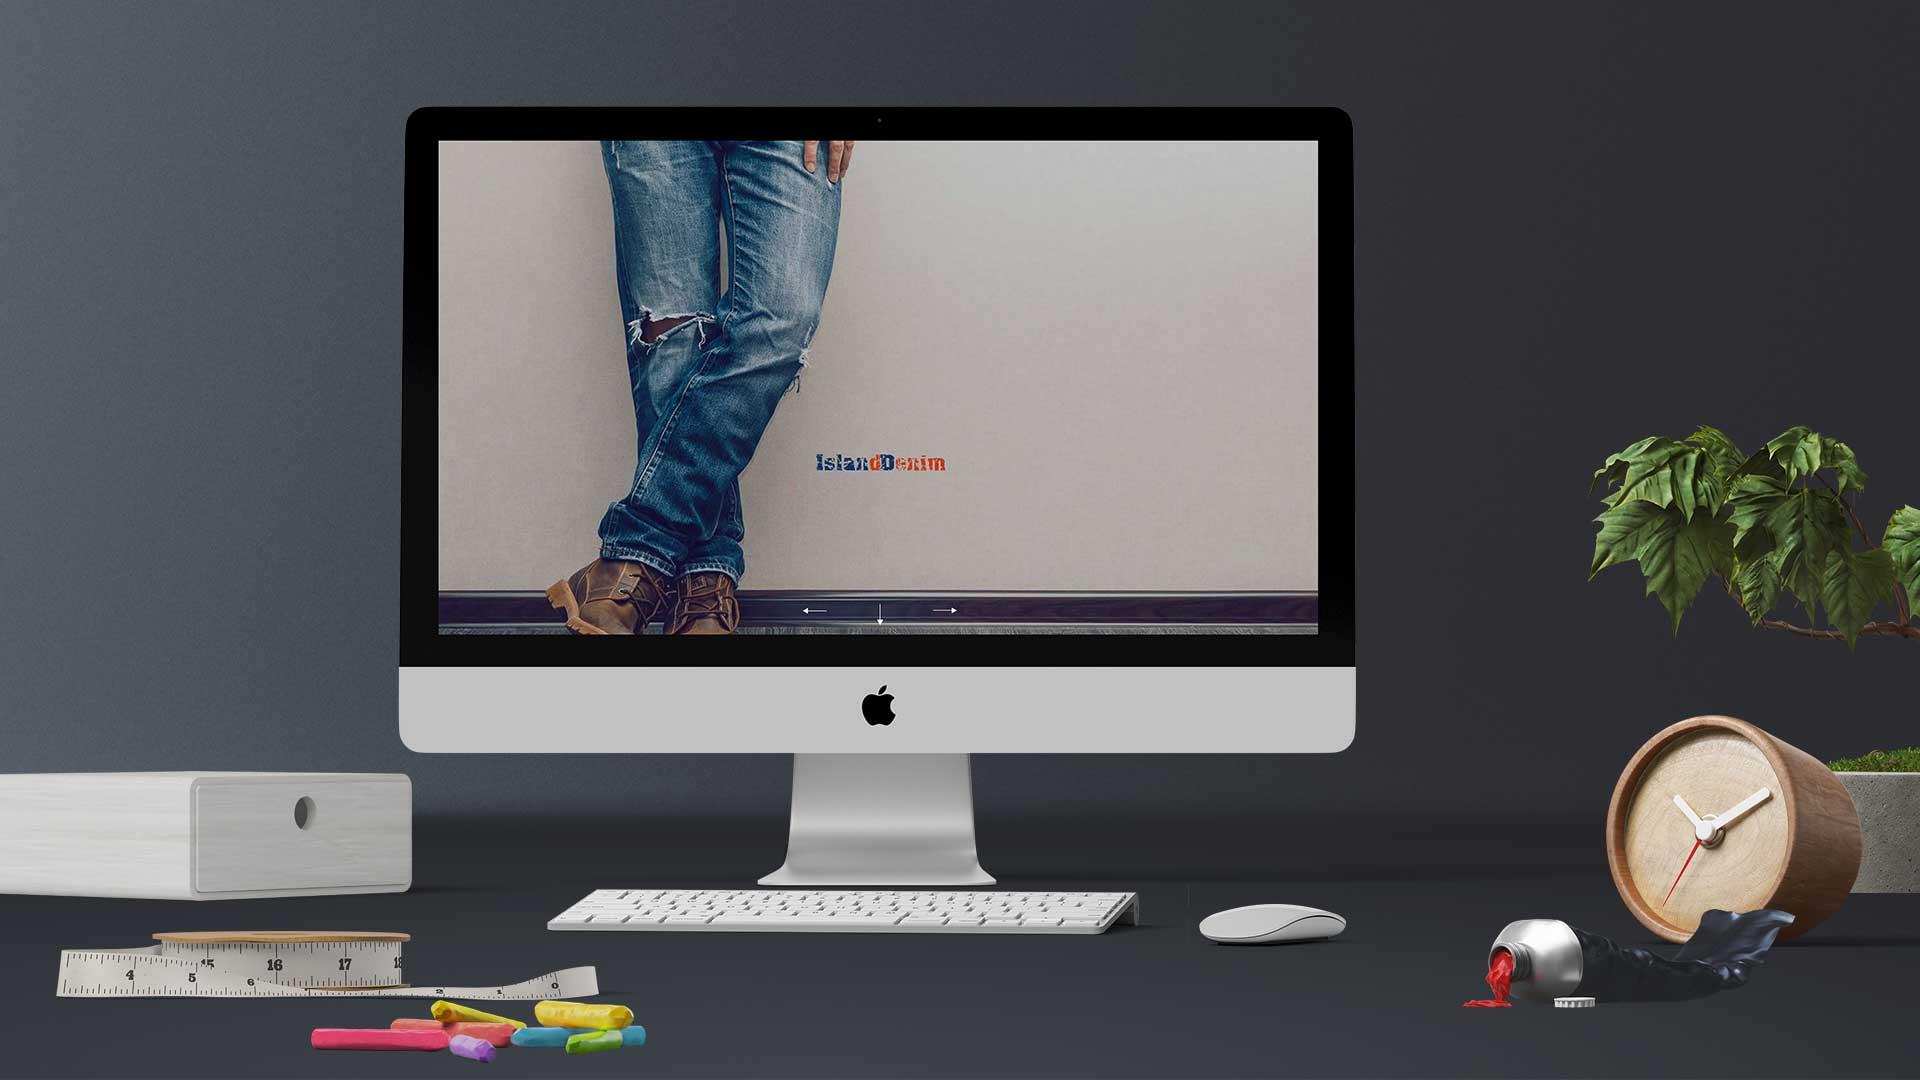 Island Denim - Web Sayfası Tasarımı